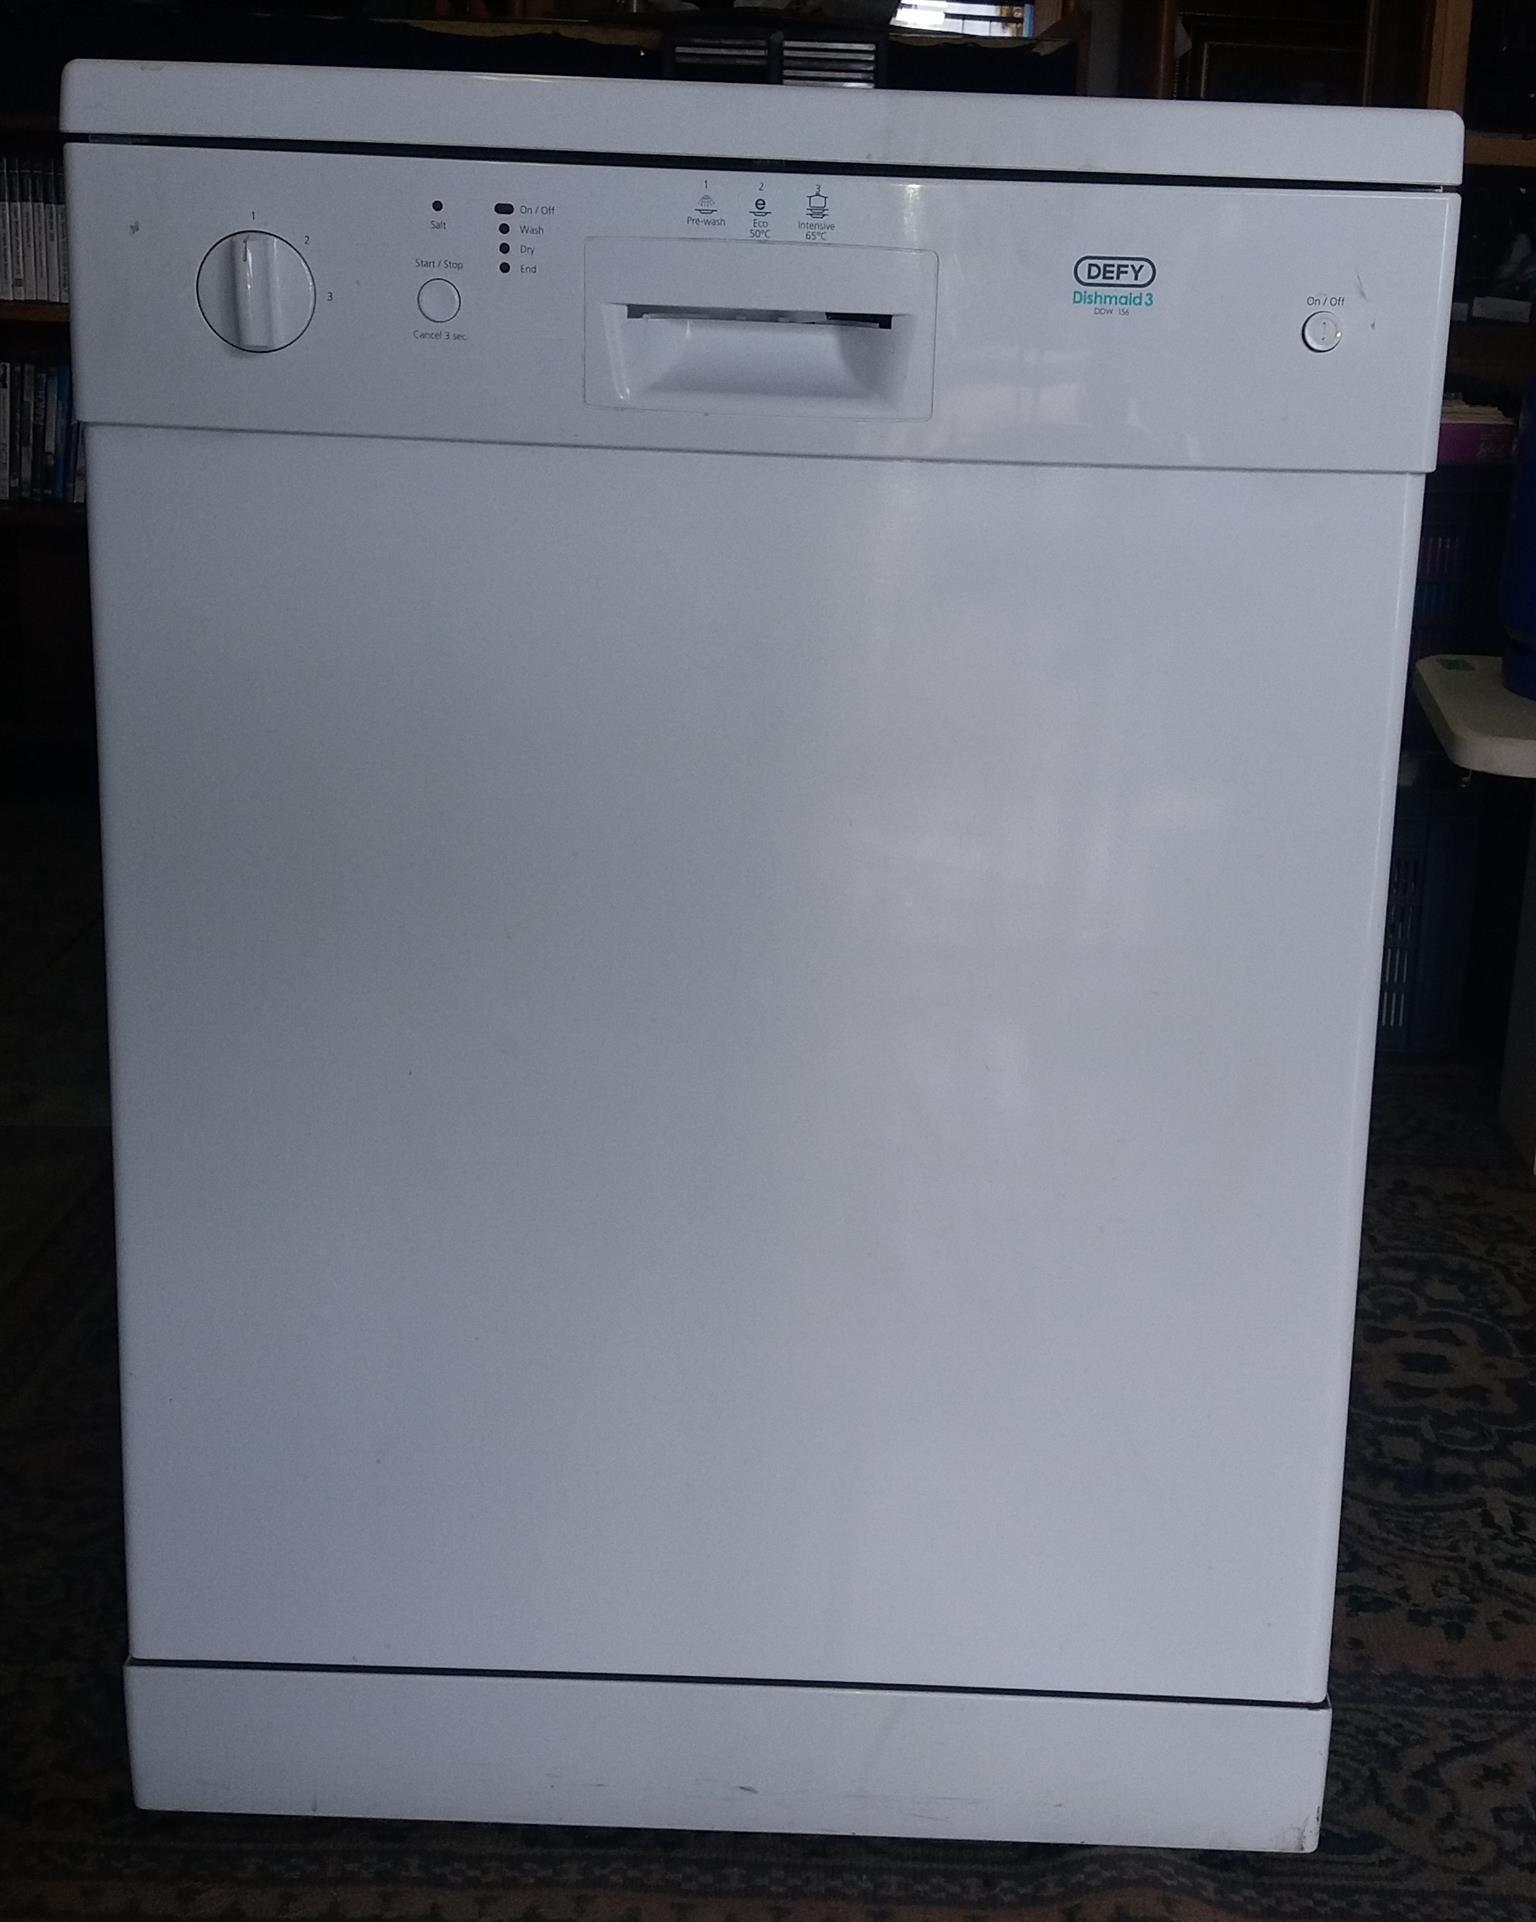 defy dishwasher maid 3